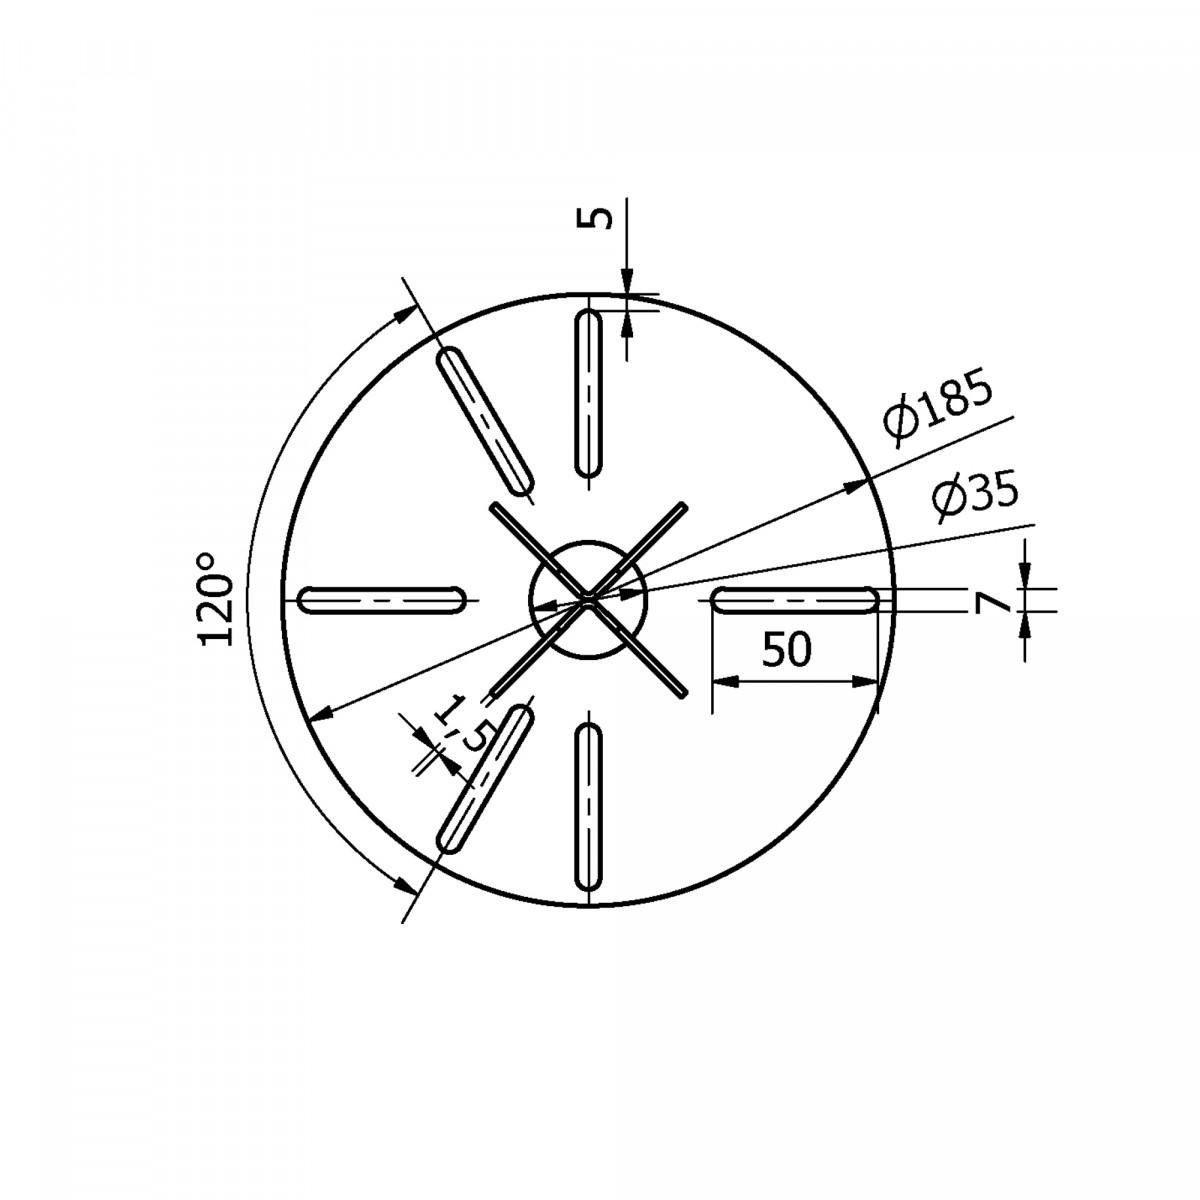 Spie mini (5829) - KS Verlichting - Montage en verankering